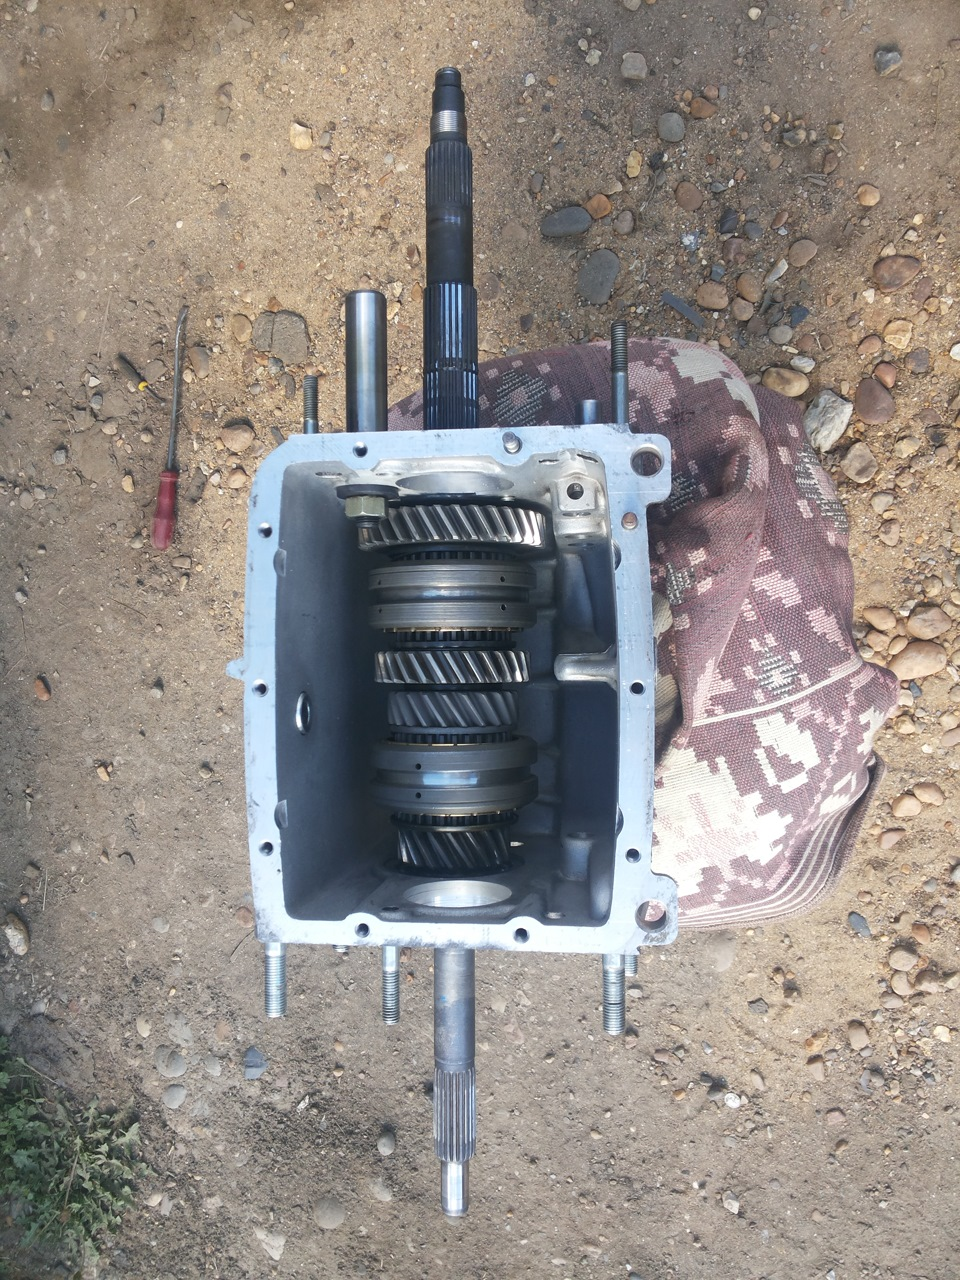 7d4b7f4s 960 - Схема коробки передач ваз 2107 5 ступка